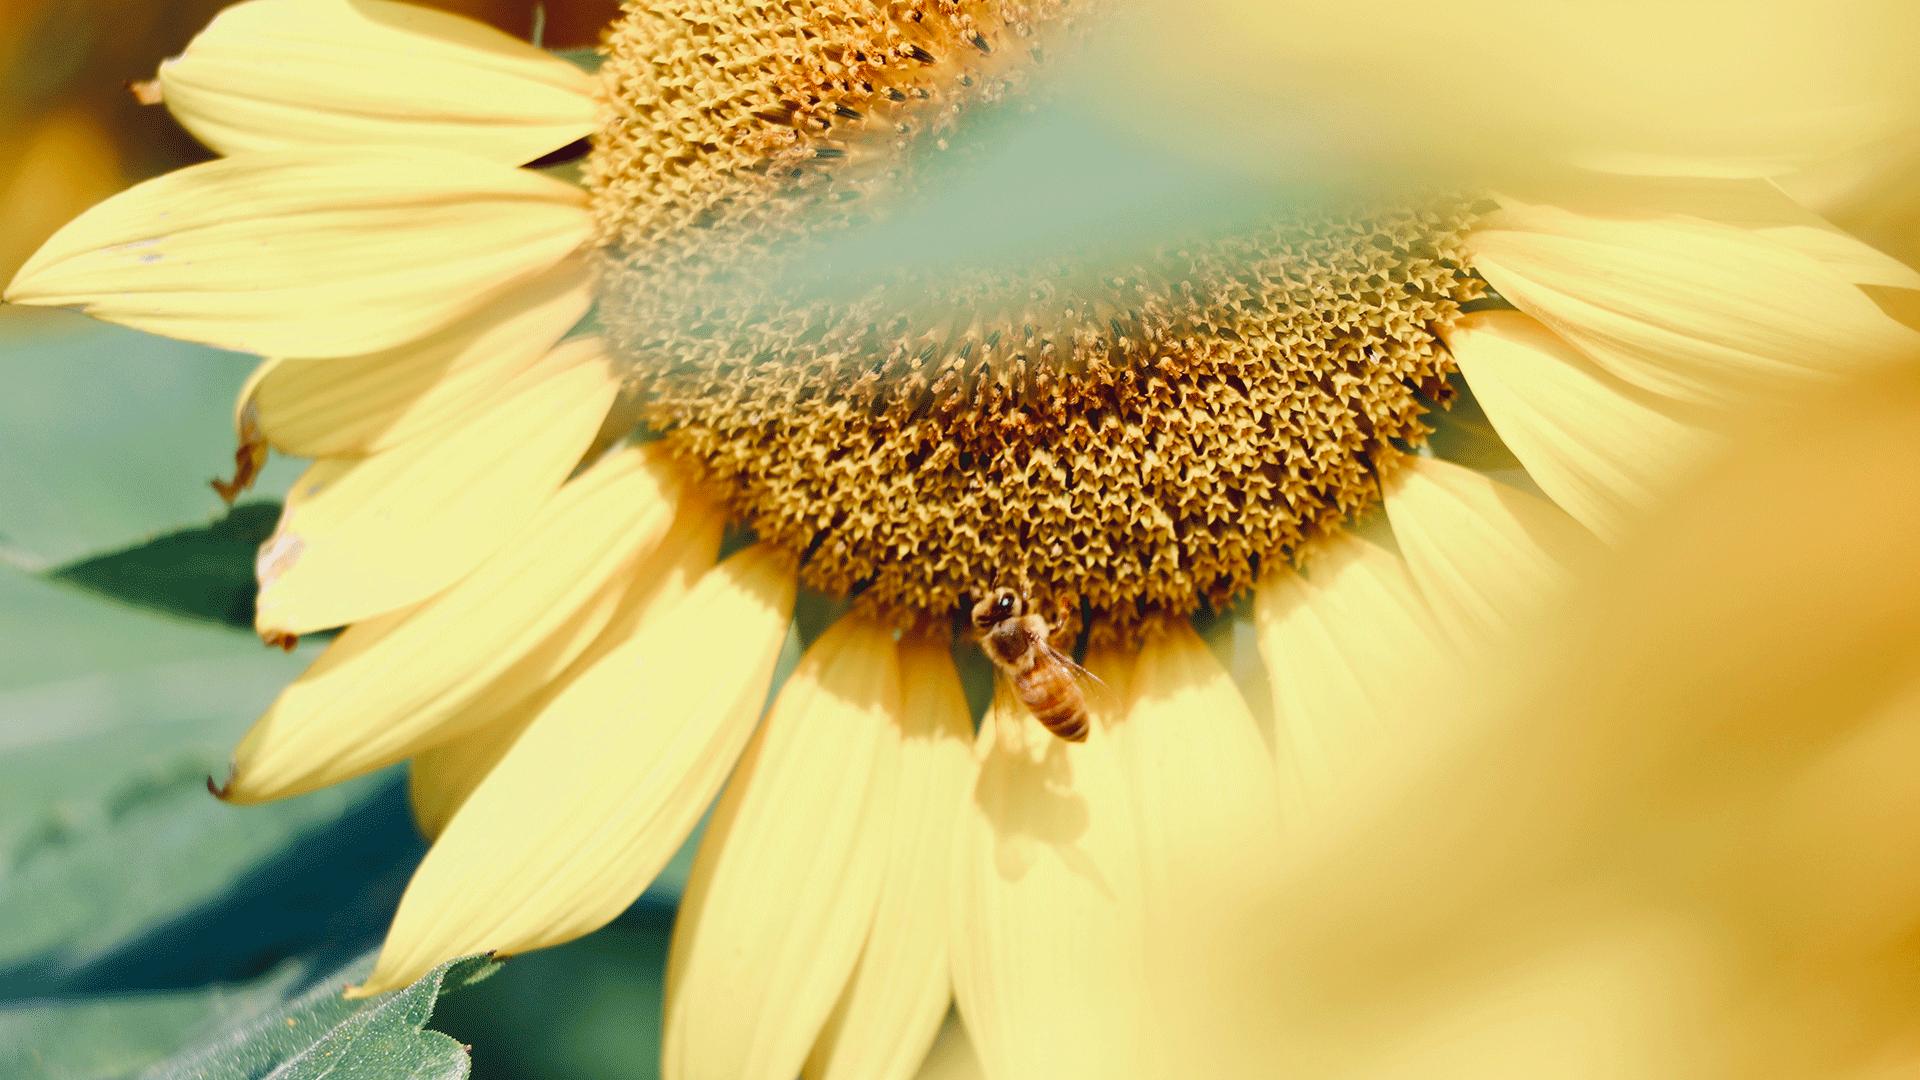 jour_de_la_terre_canada_blogue_la_protection_des_pollinisateurs_3